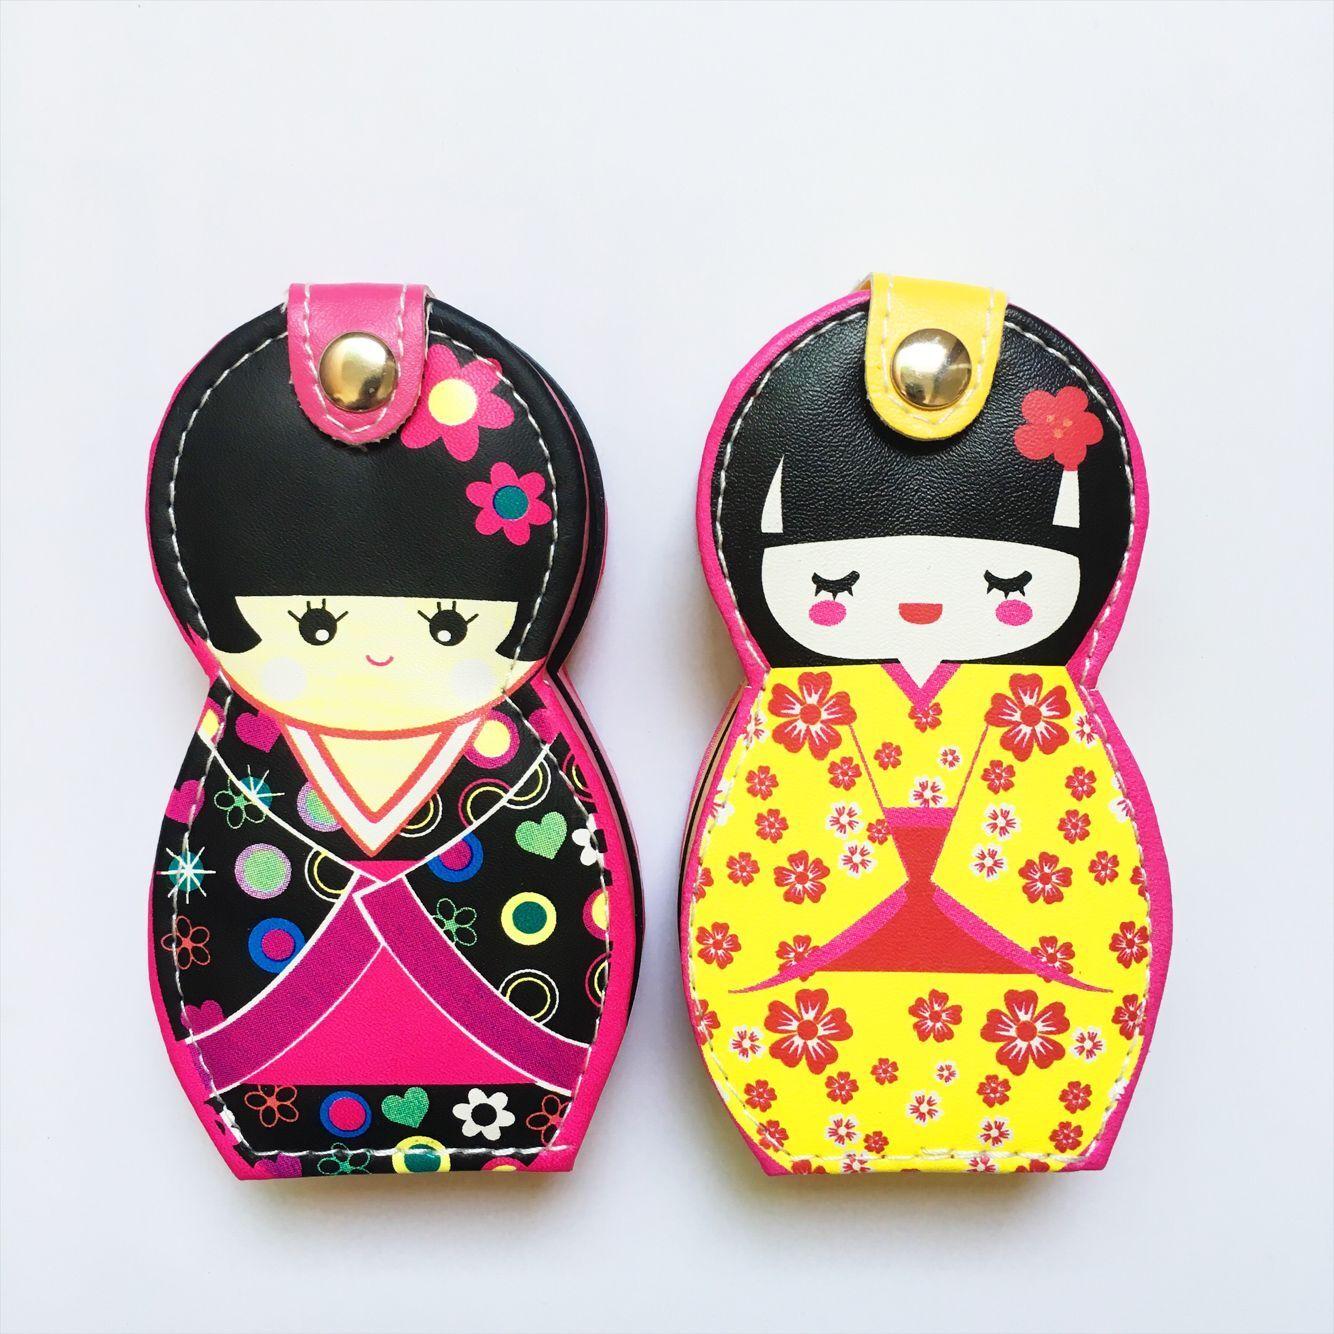 指甲刀套装可爱卡通韩版指甲钳创意指甲剪男女修甲工具掏耳勺套装